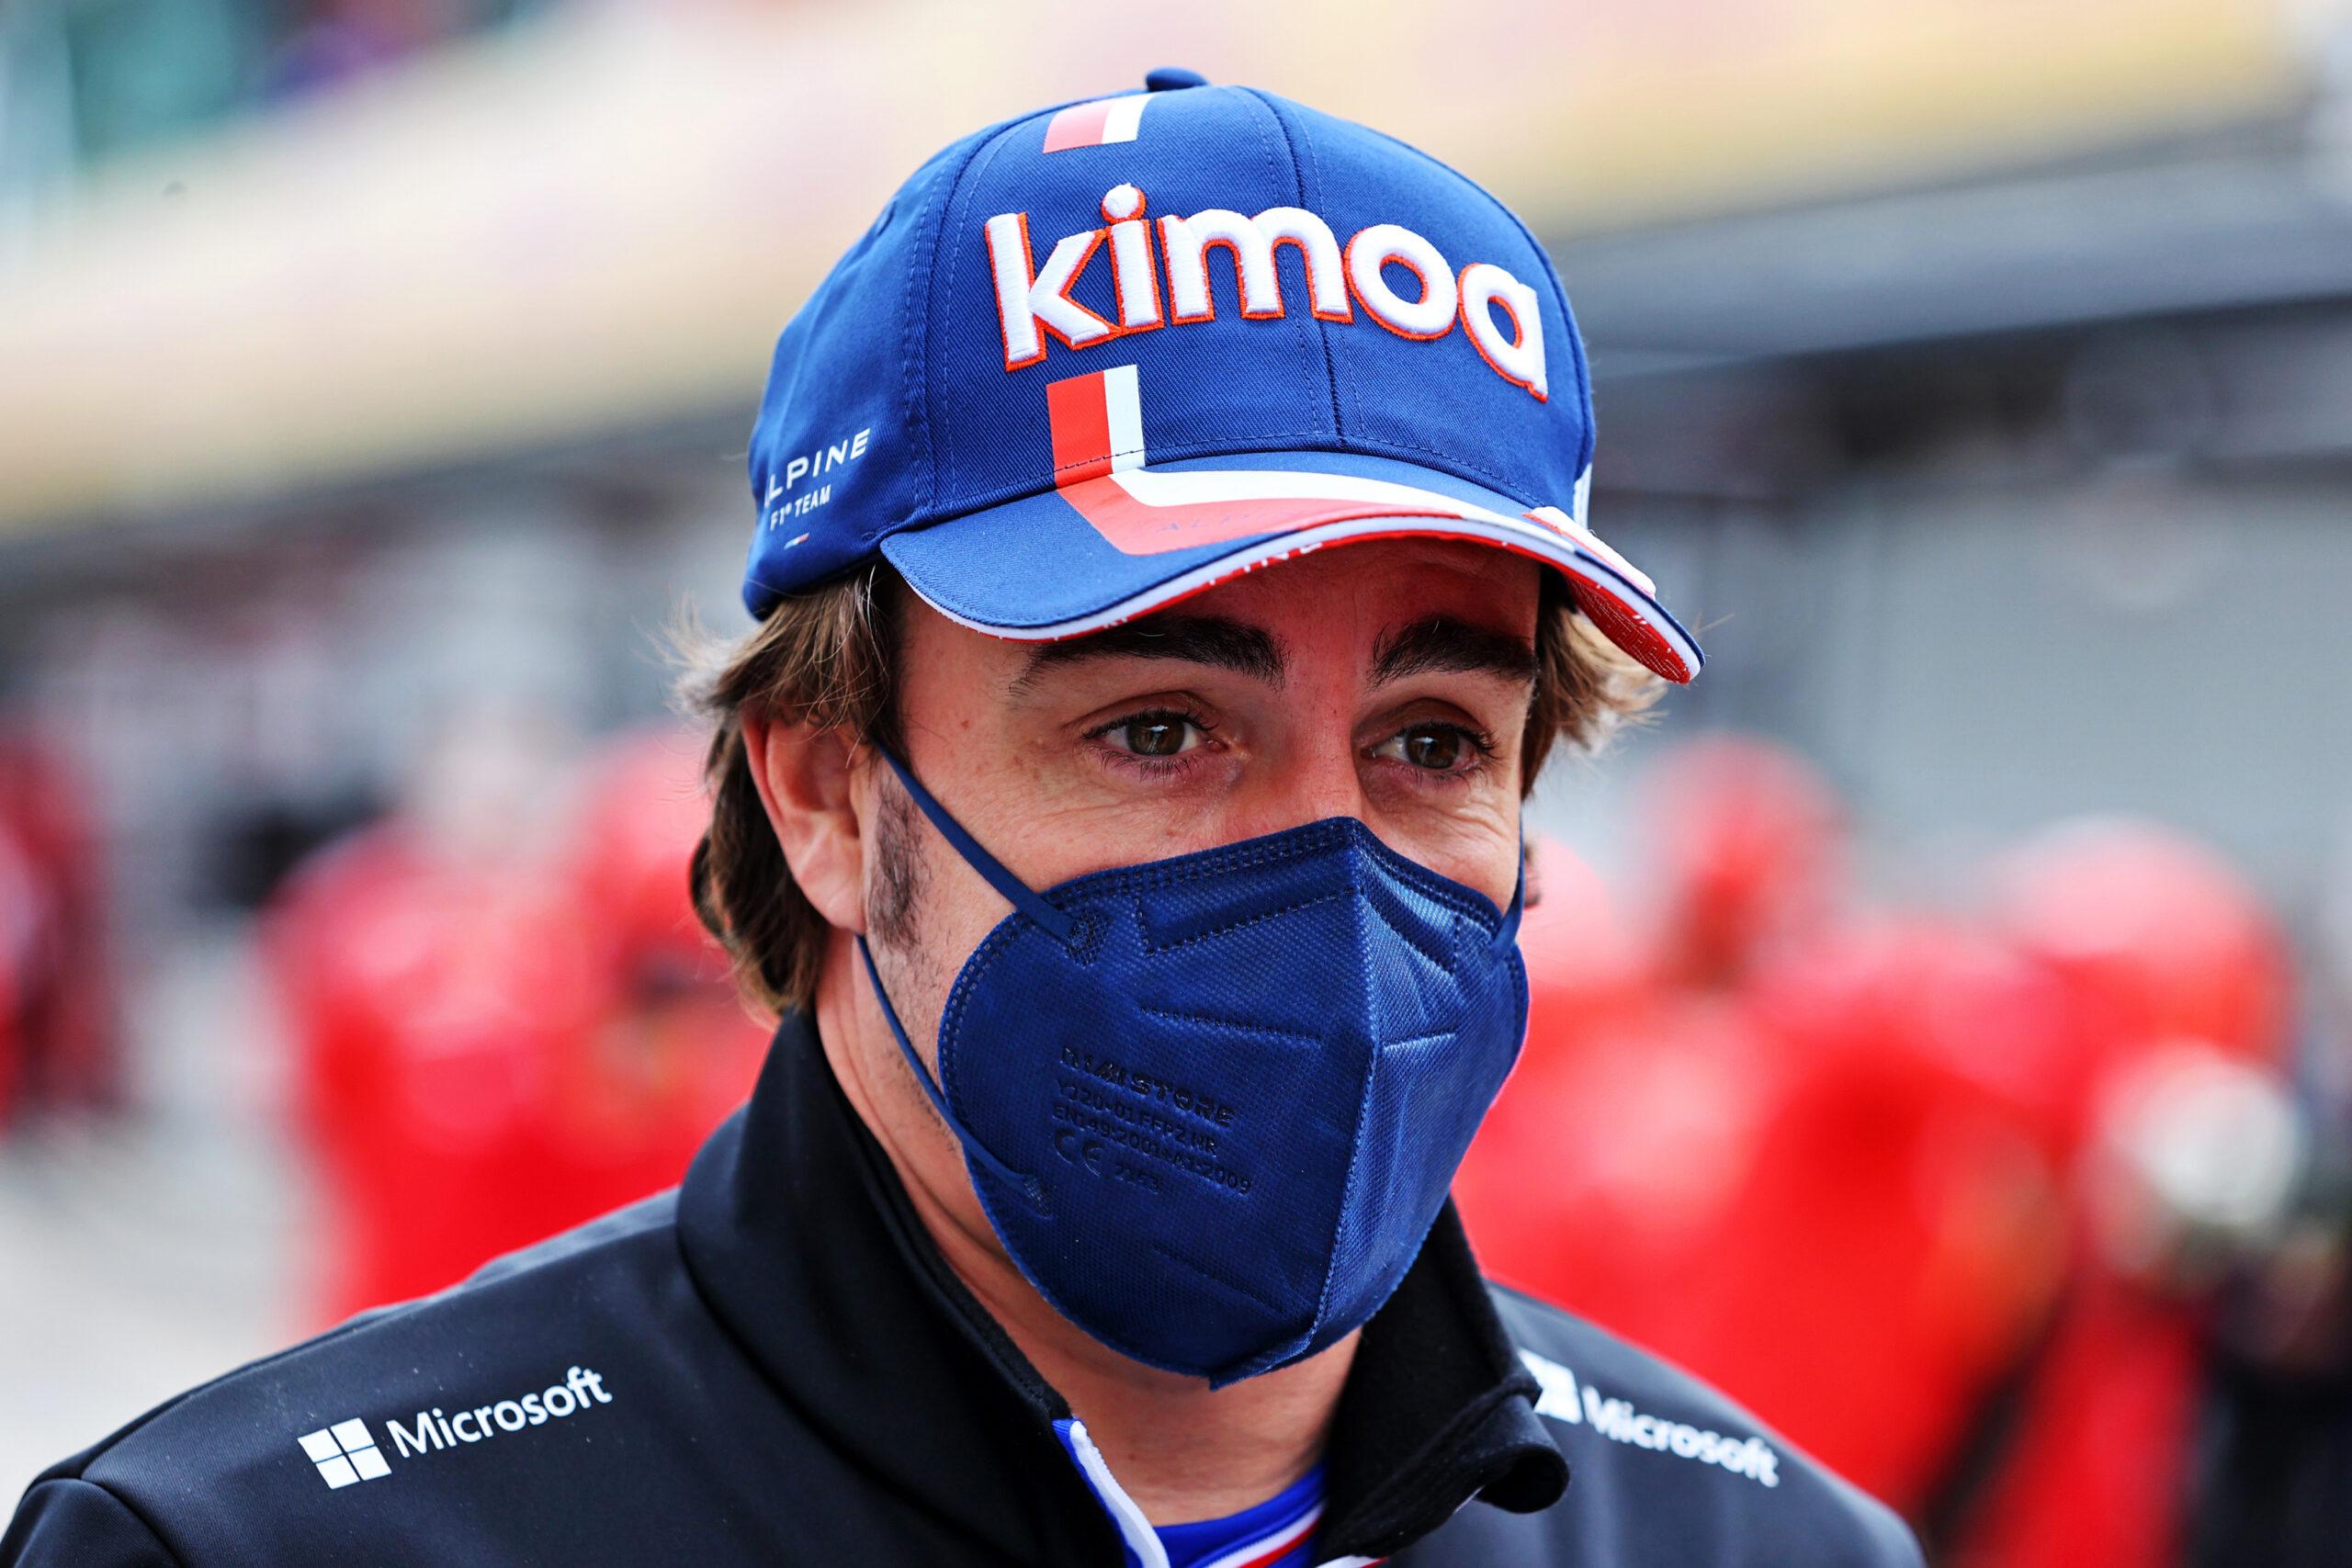 """F1 - La FIA répond à Alonso : """"les règles sont les mêmes pour tout le monde"""""""